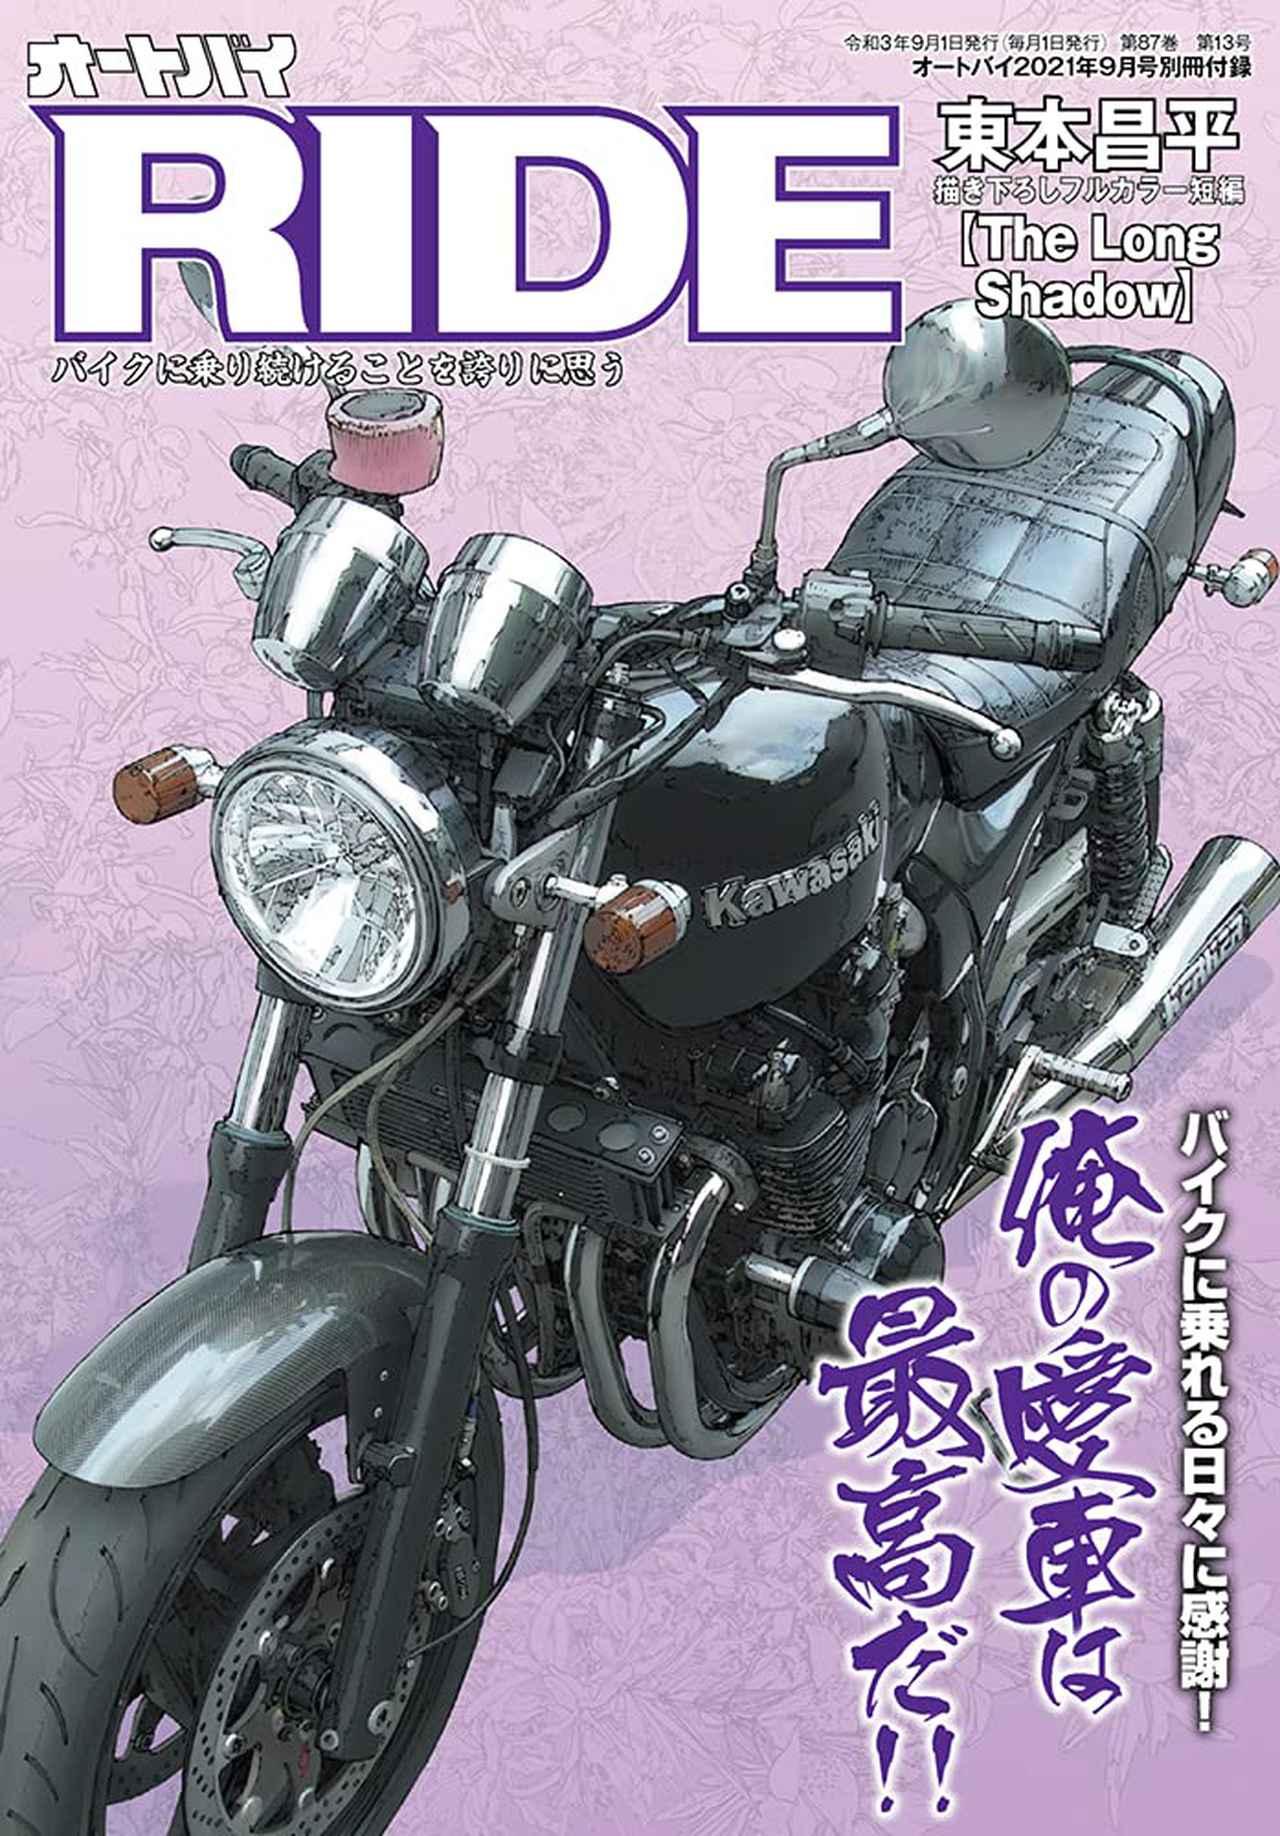 画像4: 月刊『オートバイ』最新9月号は2021年7月30日発売! ナイスミドル650cc特集|別冊付録「RIDE」は読者の愛車自慢をたっぷり掲載